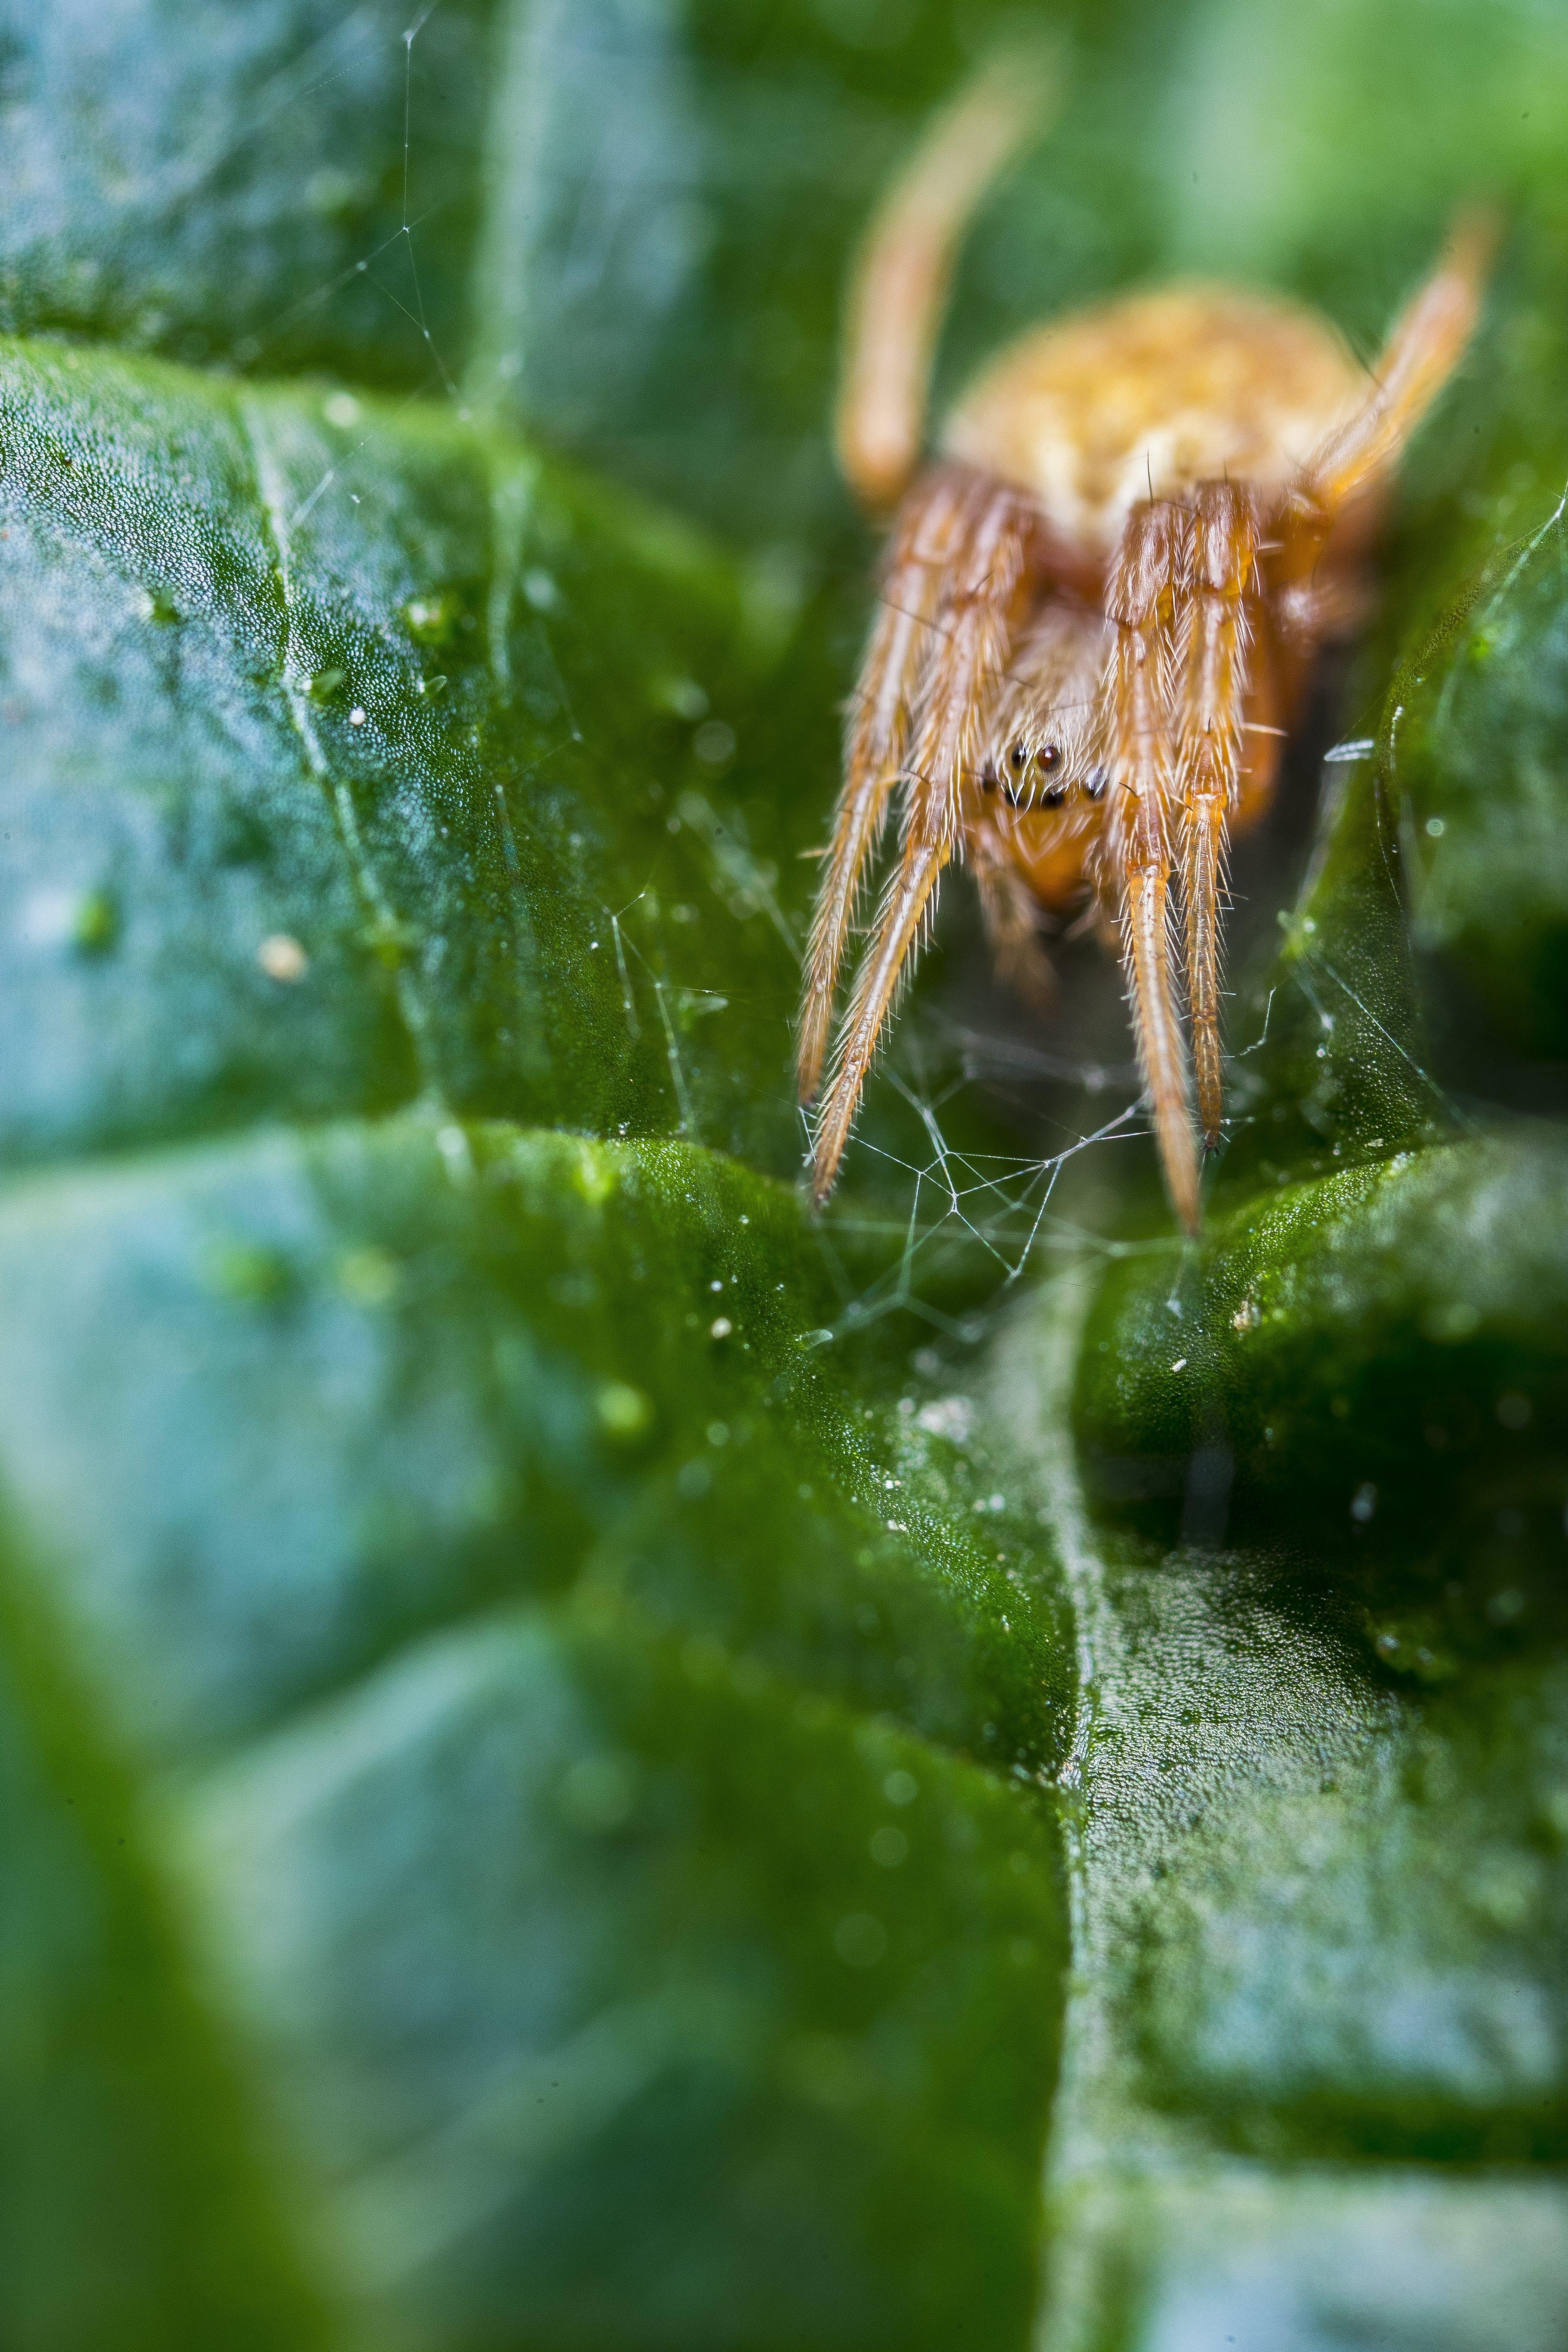 Kostenloses Stock Foto zu bug, insekten, makro, nahansicht